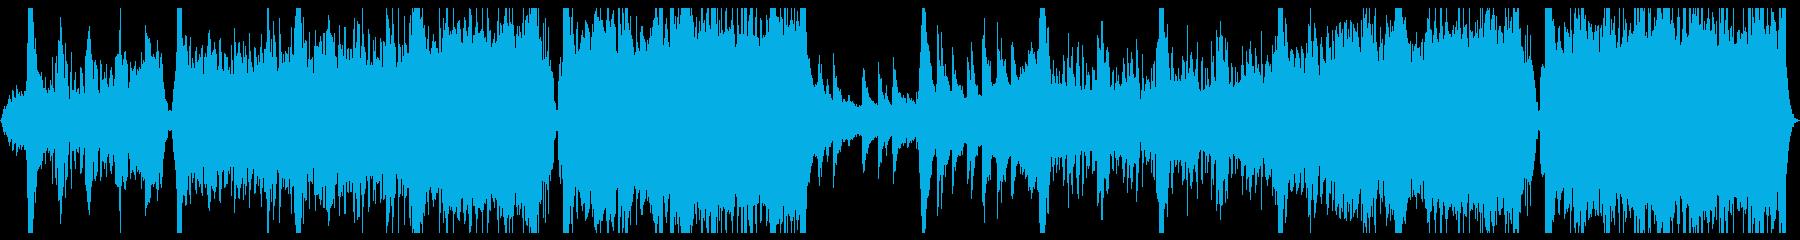 疾走感のある戦闘シーン的なBGMの再生済みの波形